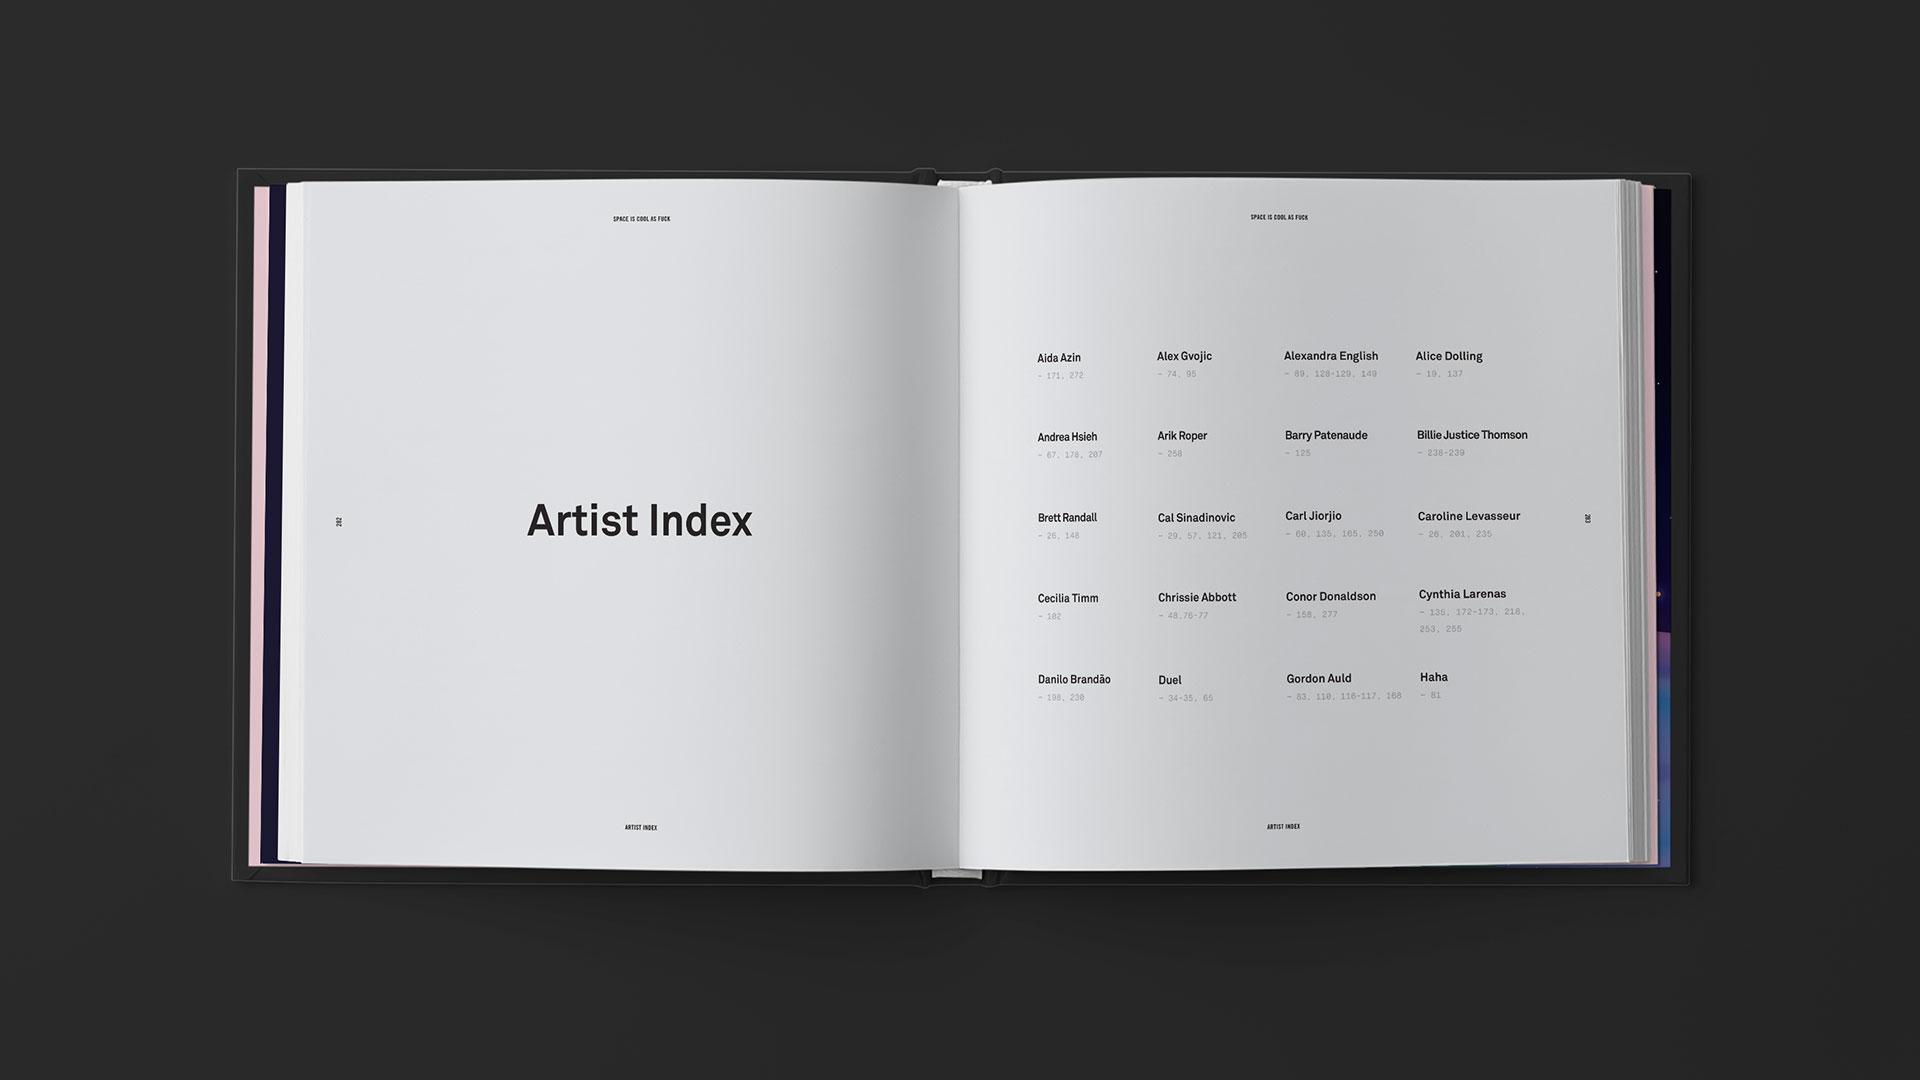 SICAF_ArtistIndex